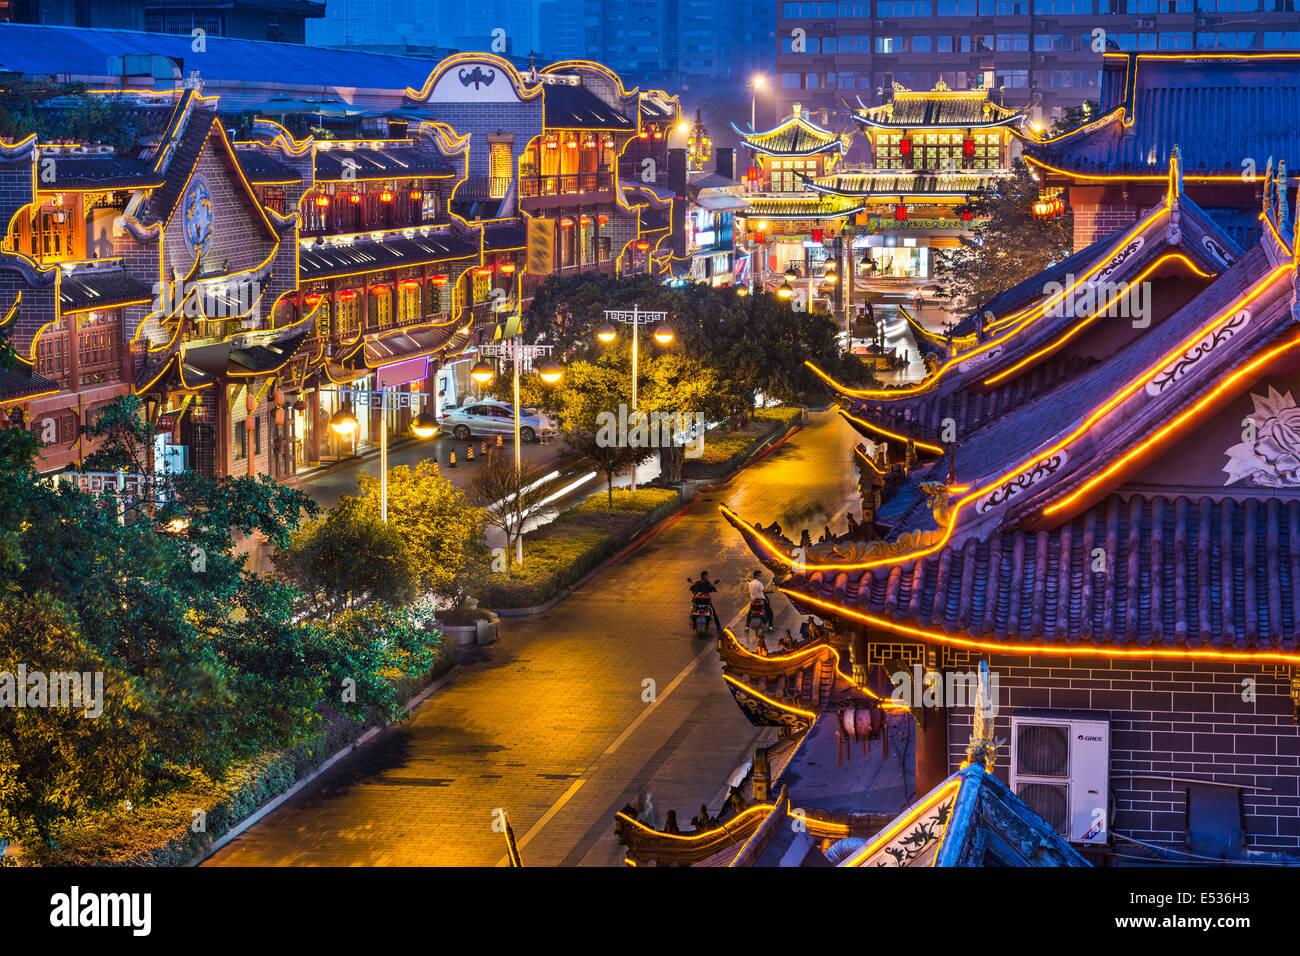 Chengdu, Cina al tradizionale strada Qintai distretto. Immagini Stock